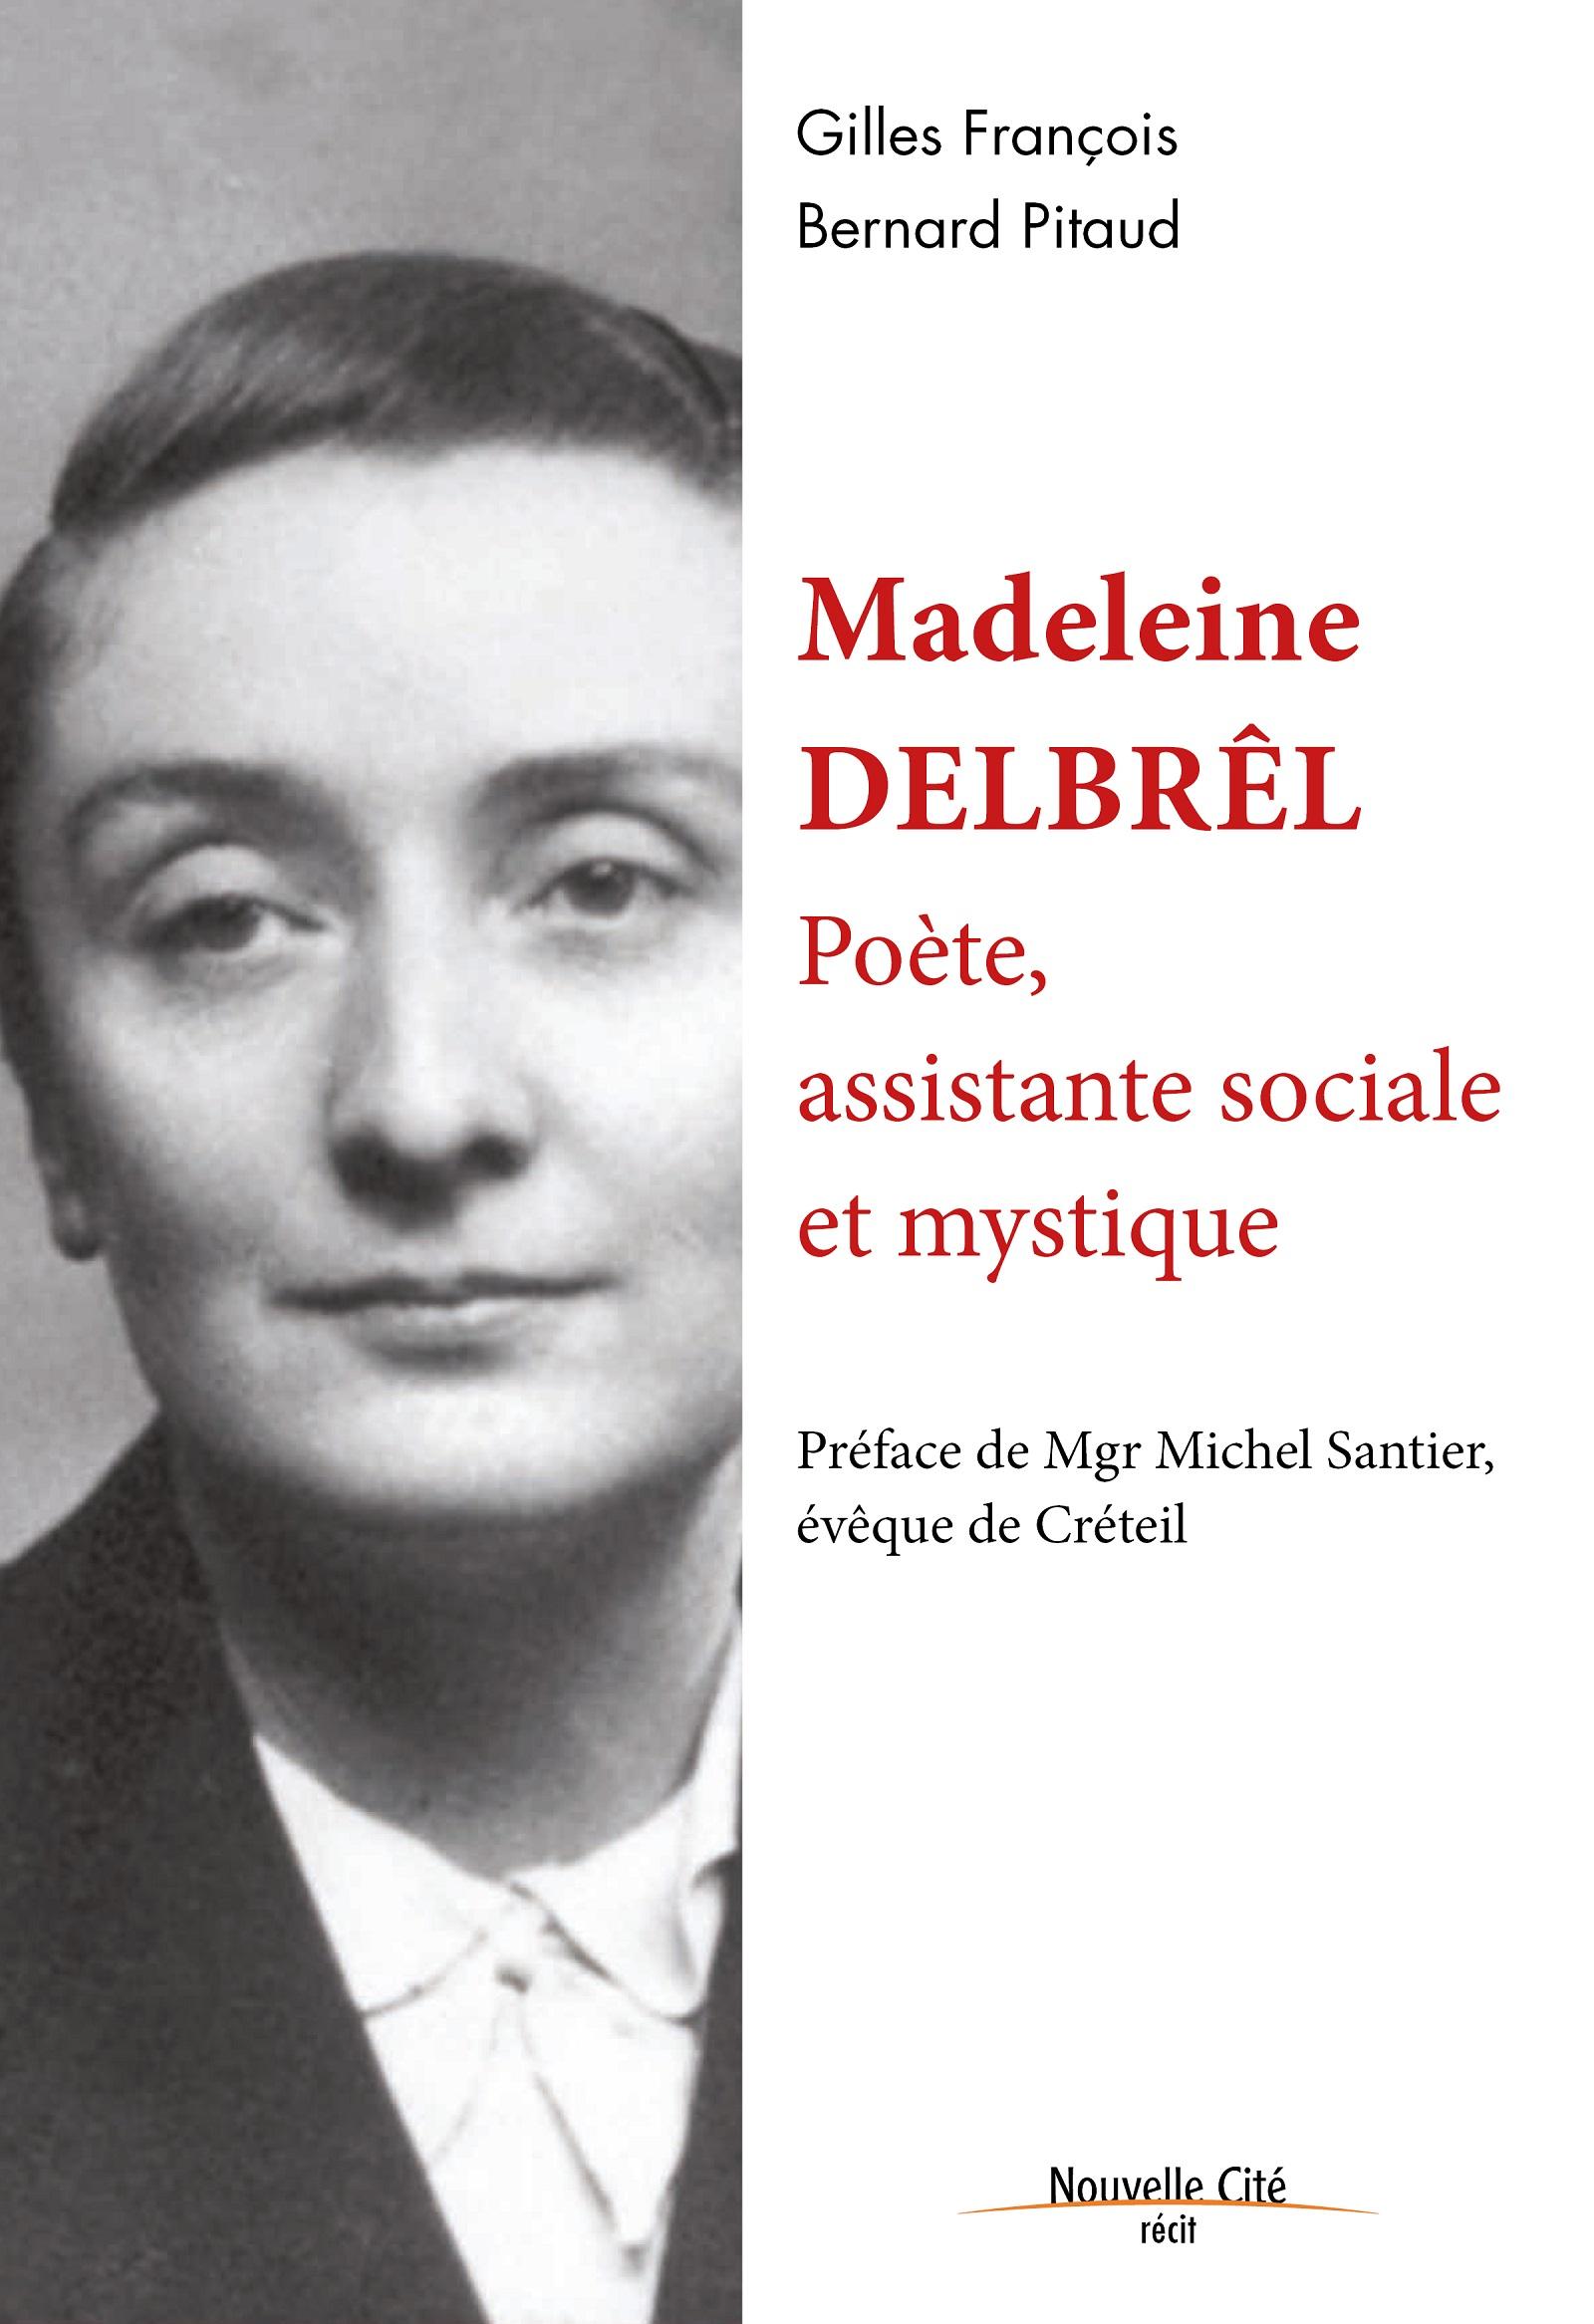 Madeleine Delbrêl, poète, assistante sociale et mystique